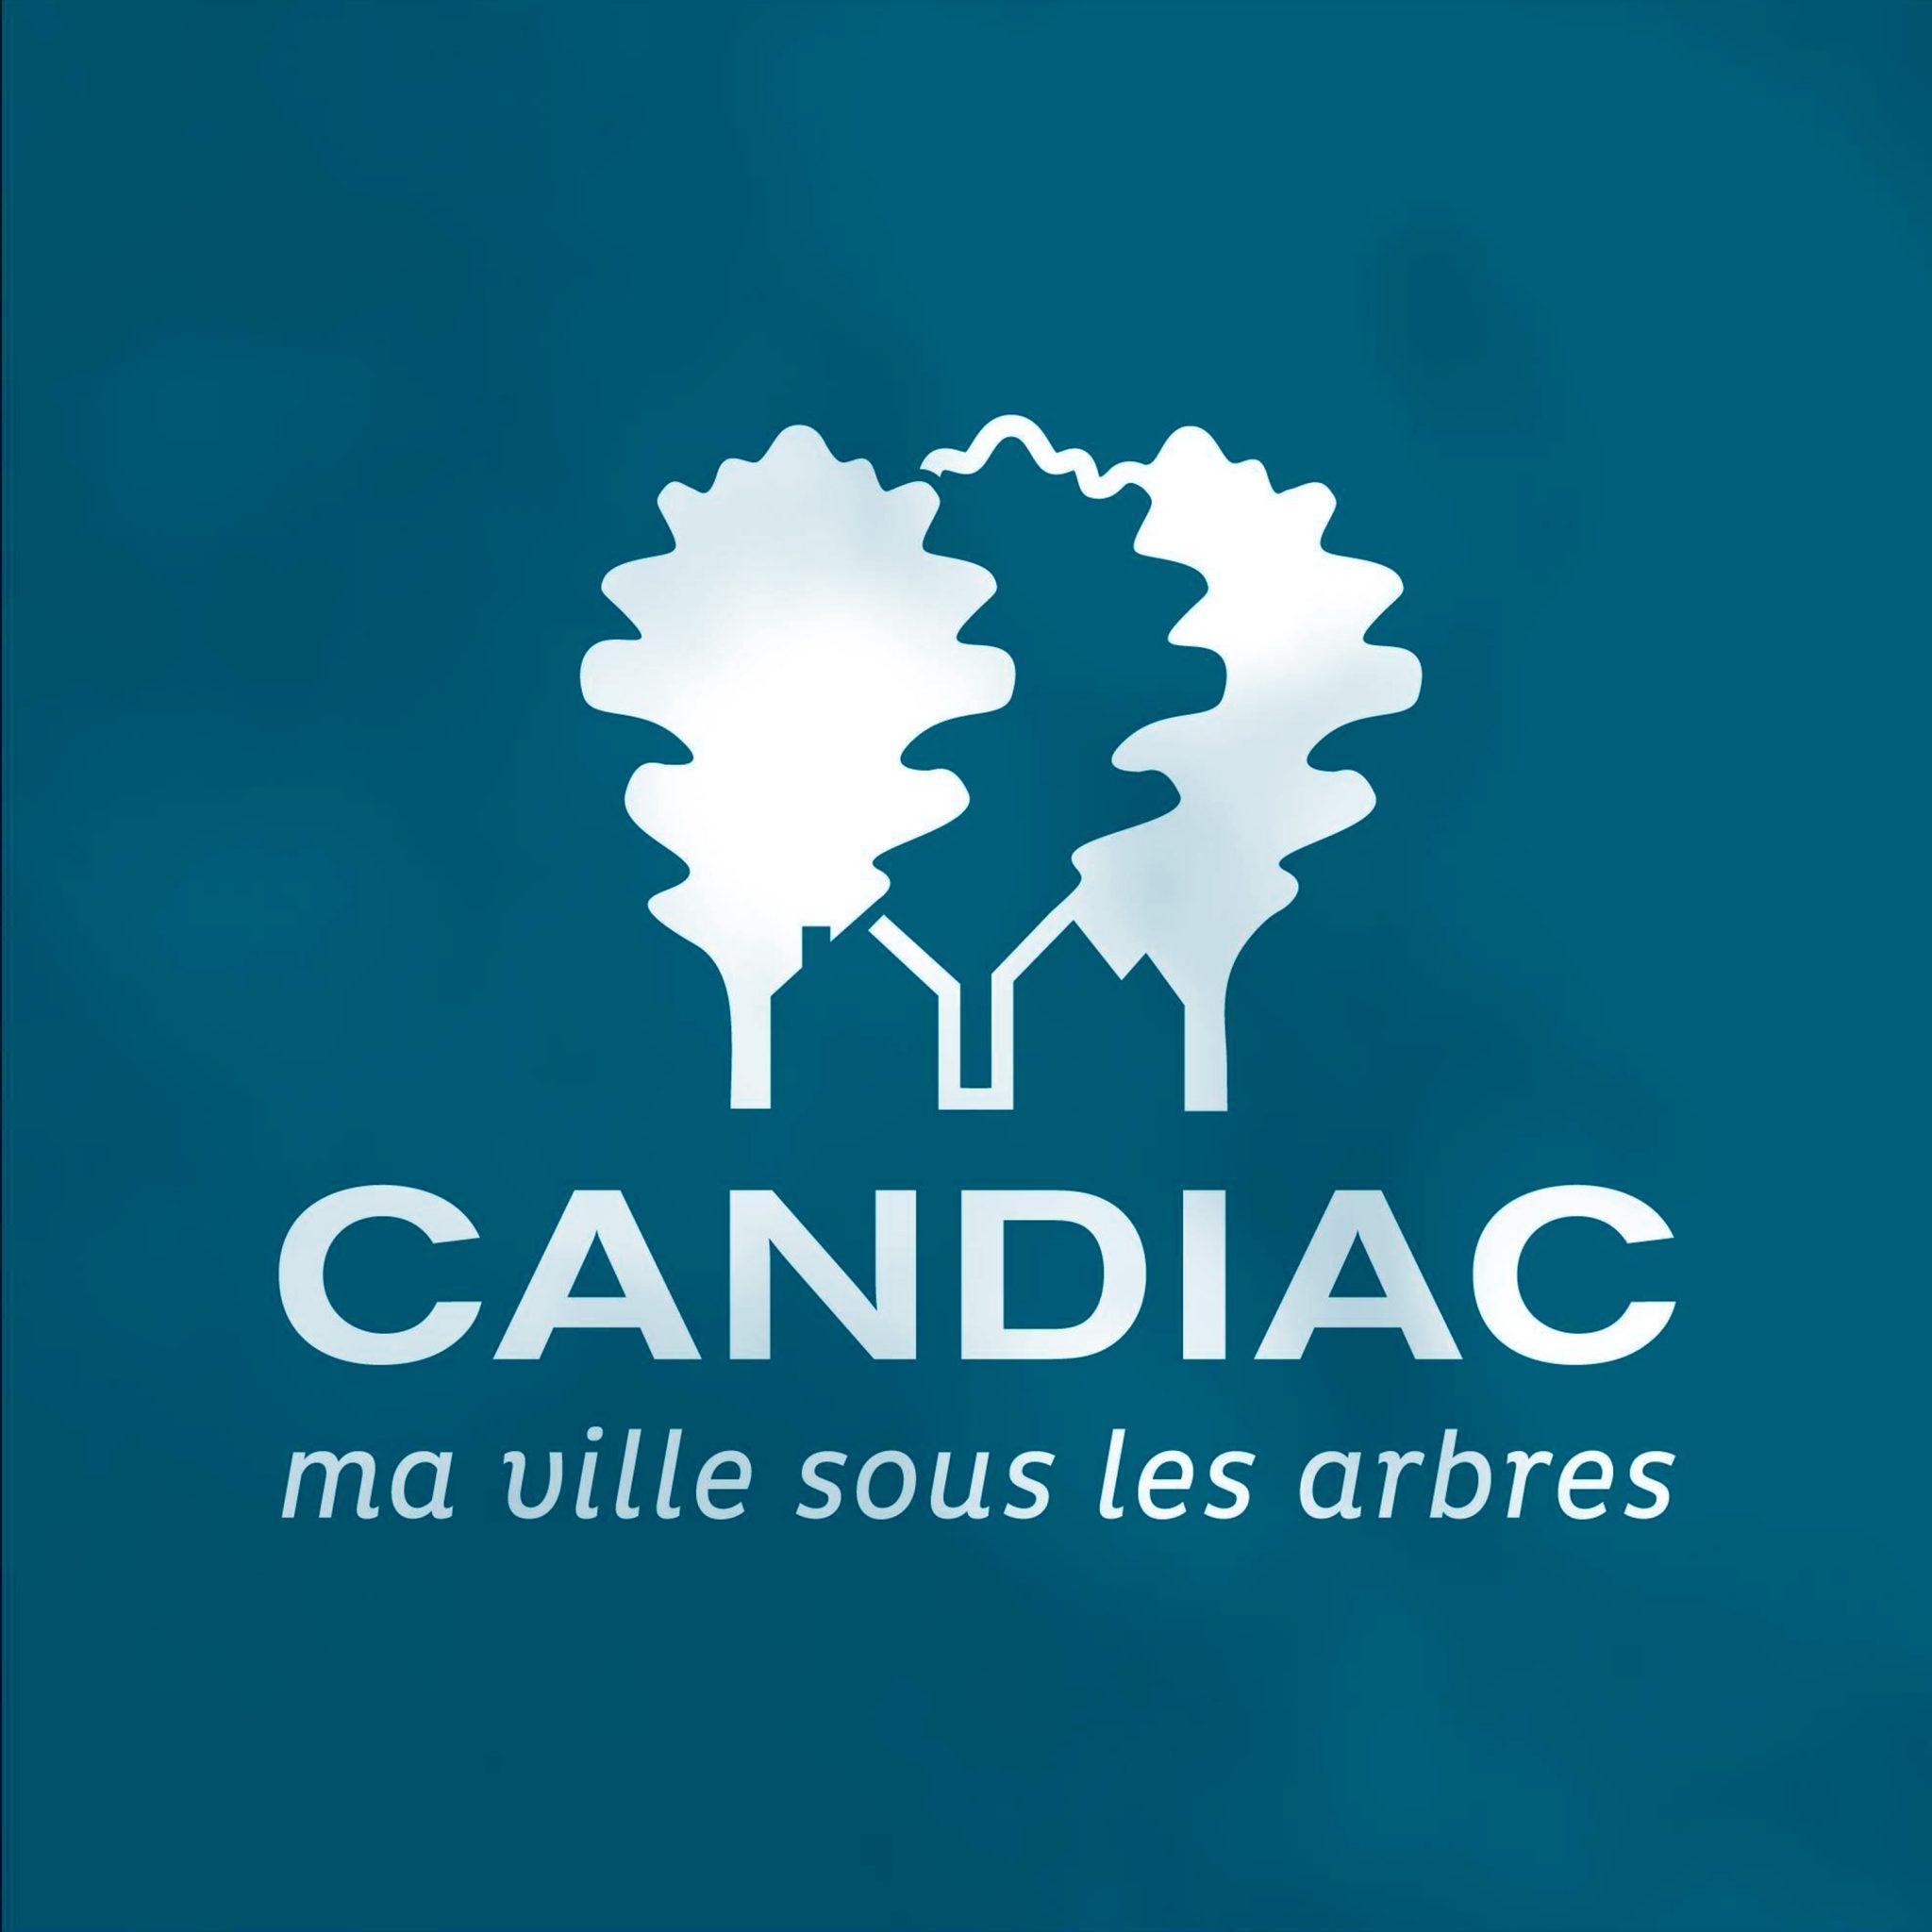 DES PROJETS Du0027EXCEPTION À CANDIAC.